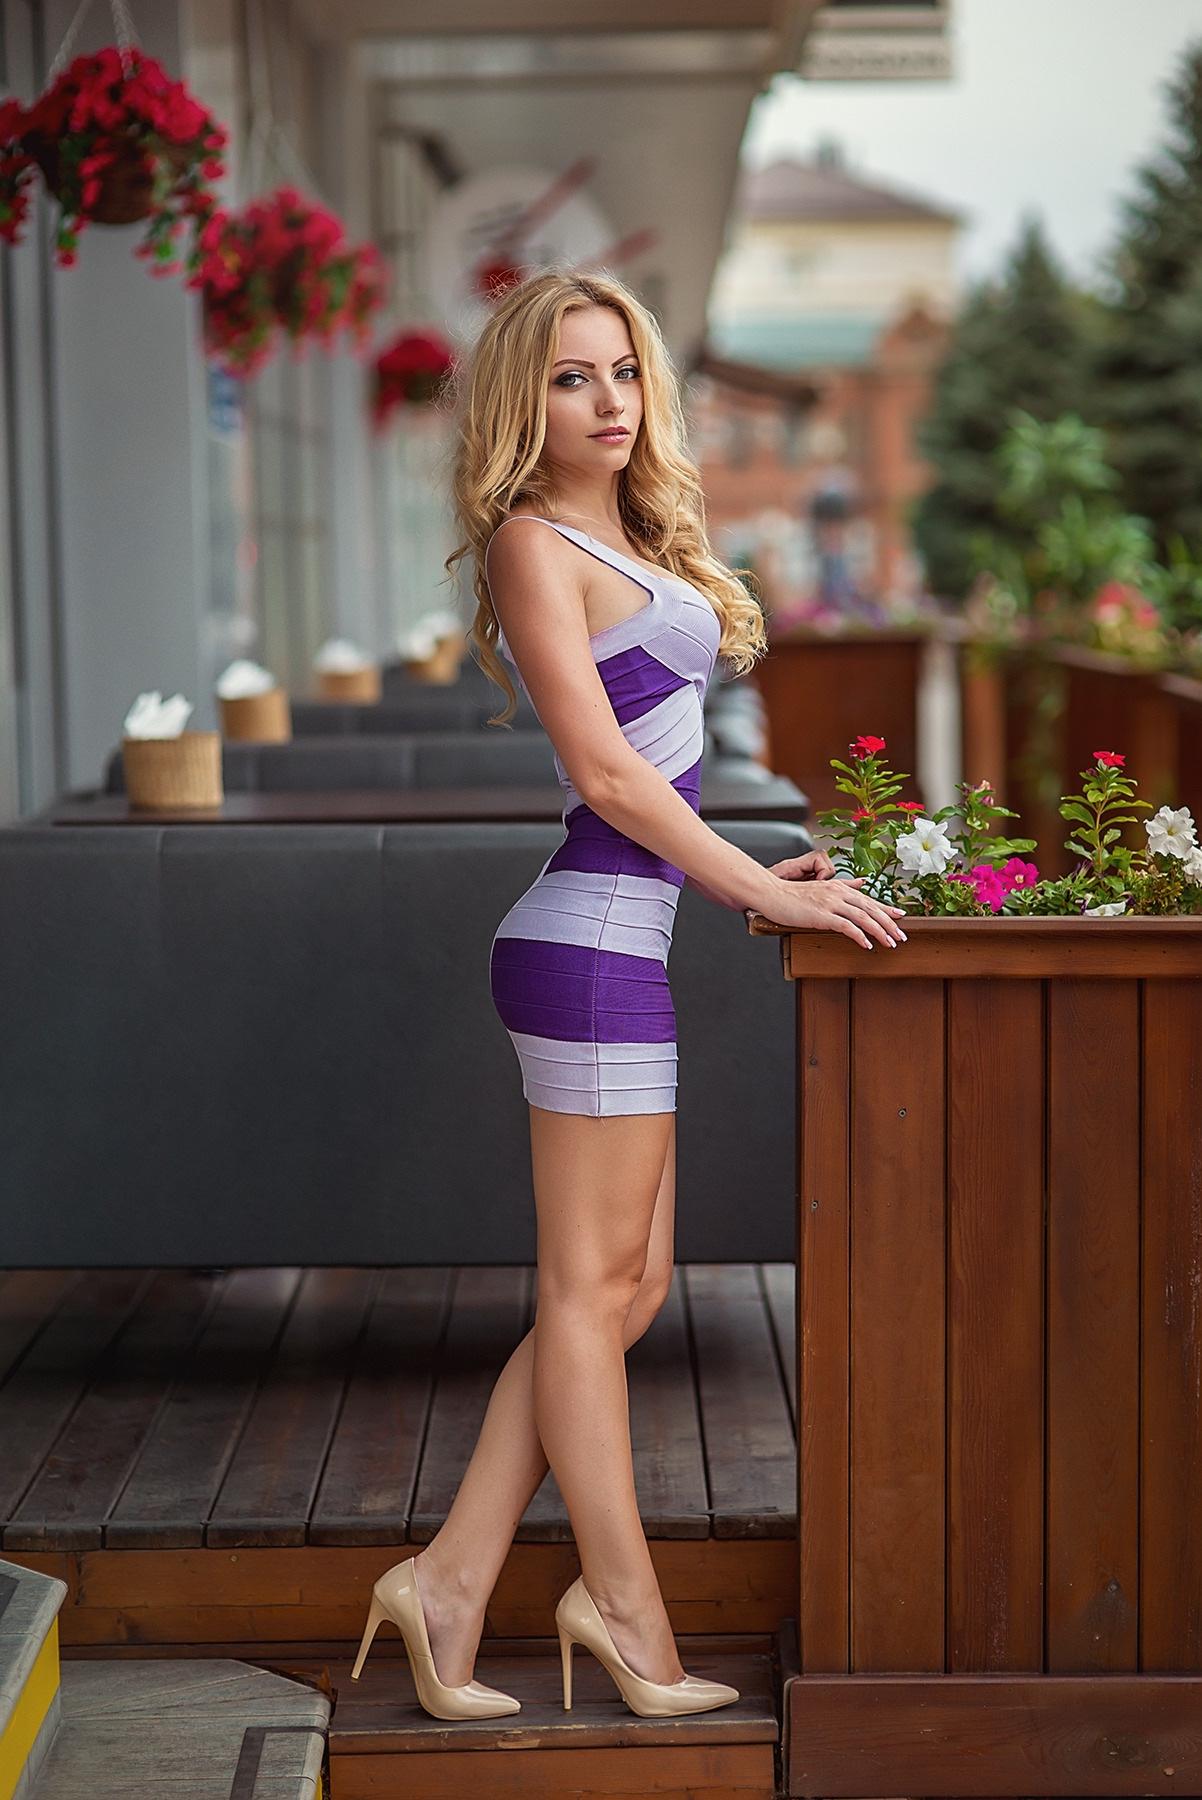 エロい下着の外国人美女 23